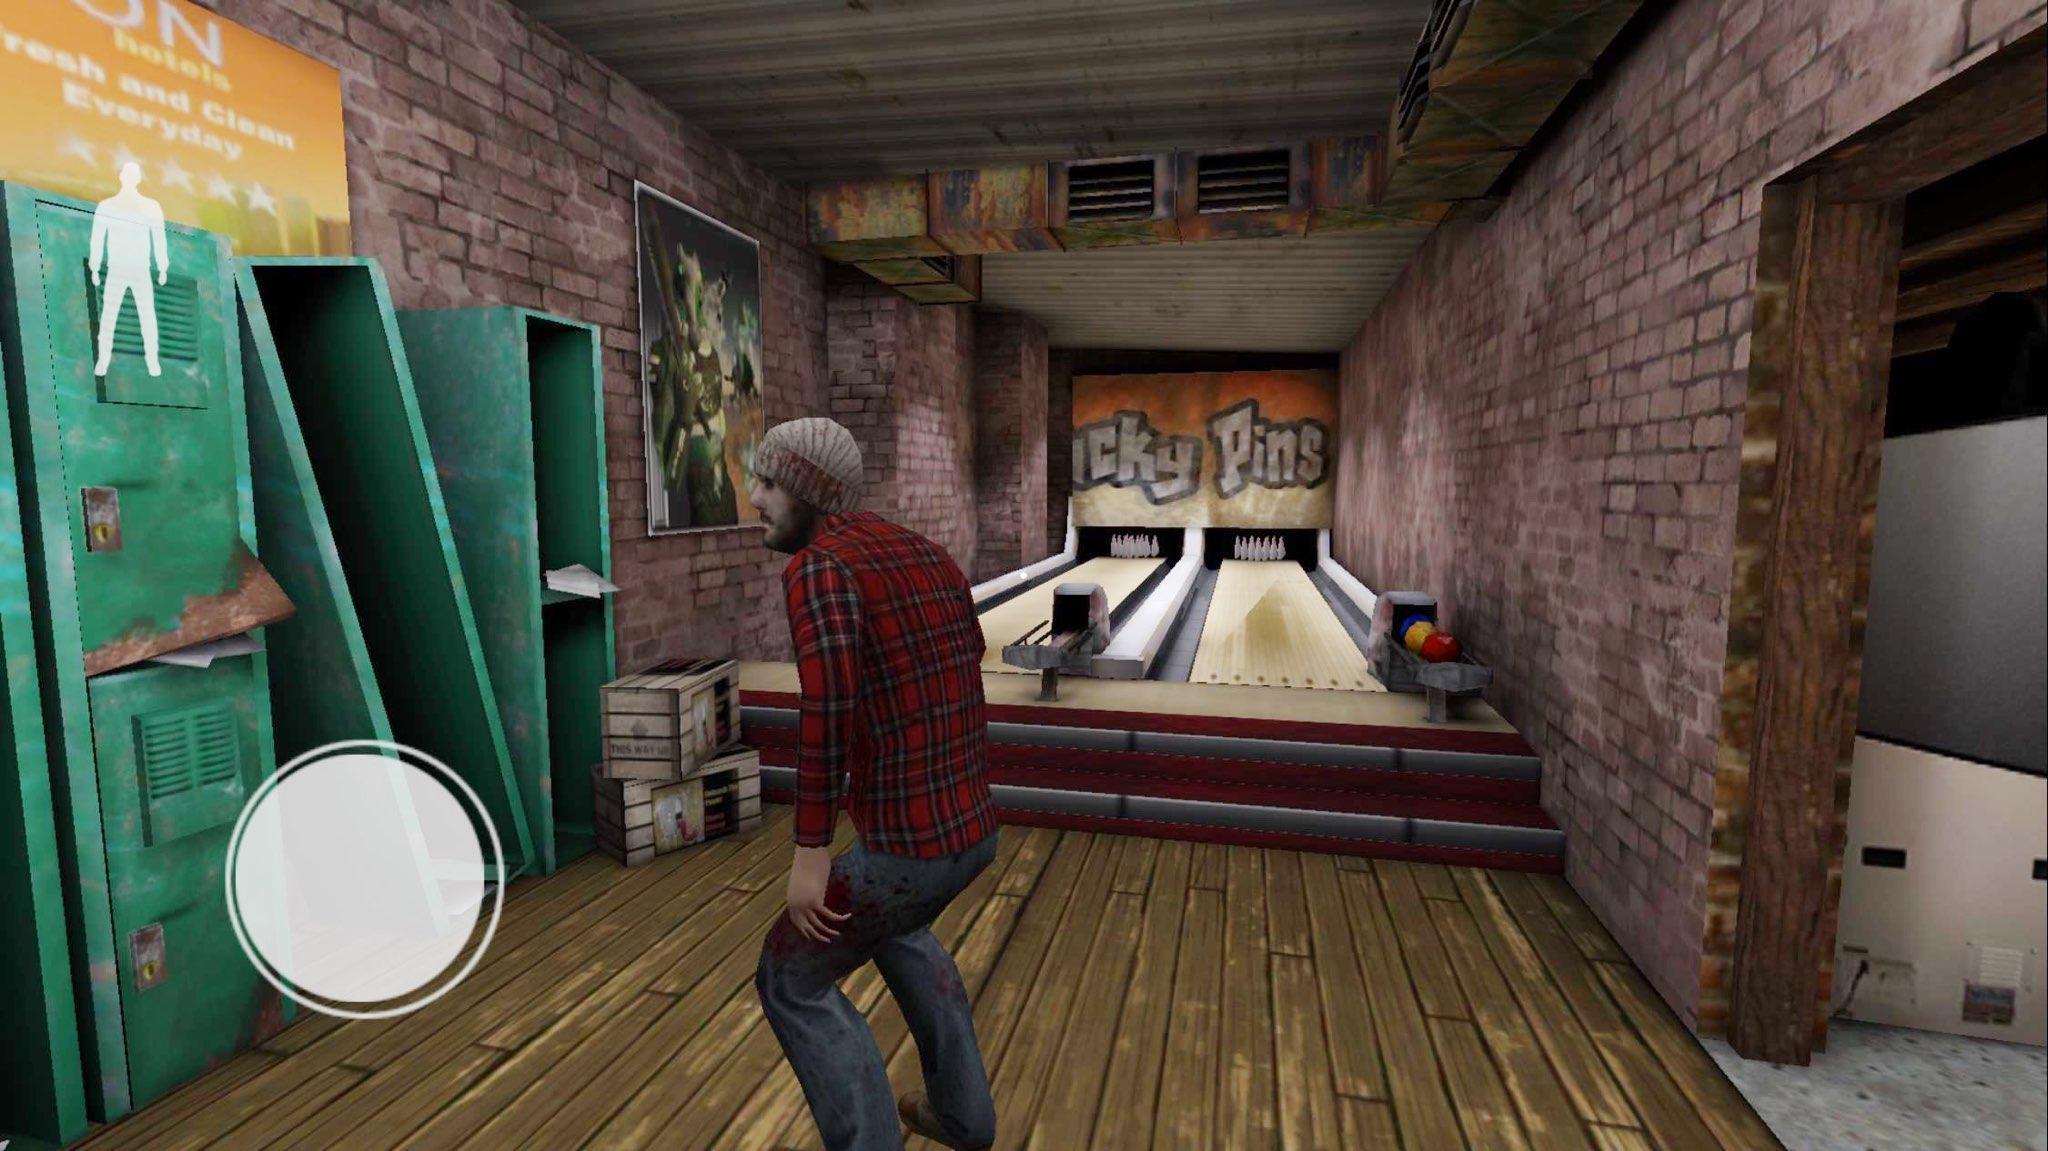 Dark Internet: ¡Juego de terror y supervivencia! 1.1.0 Screenshot 7